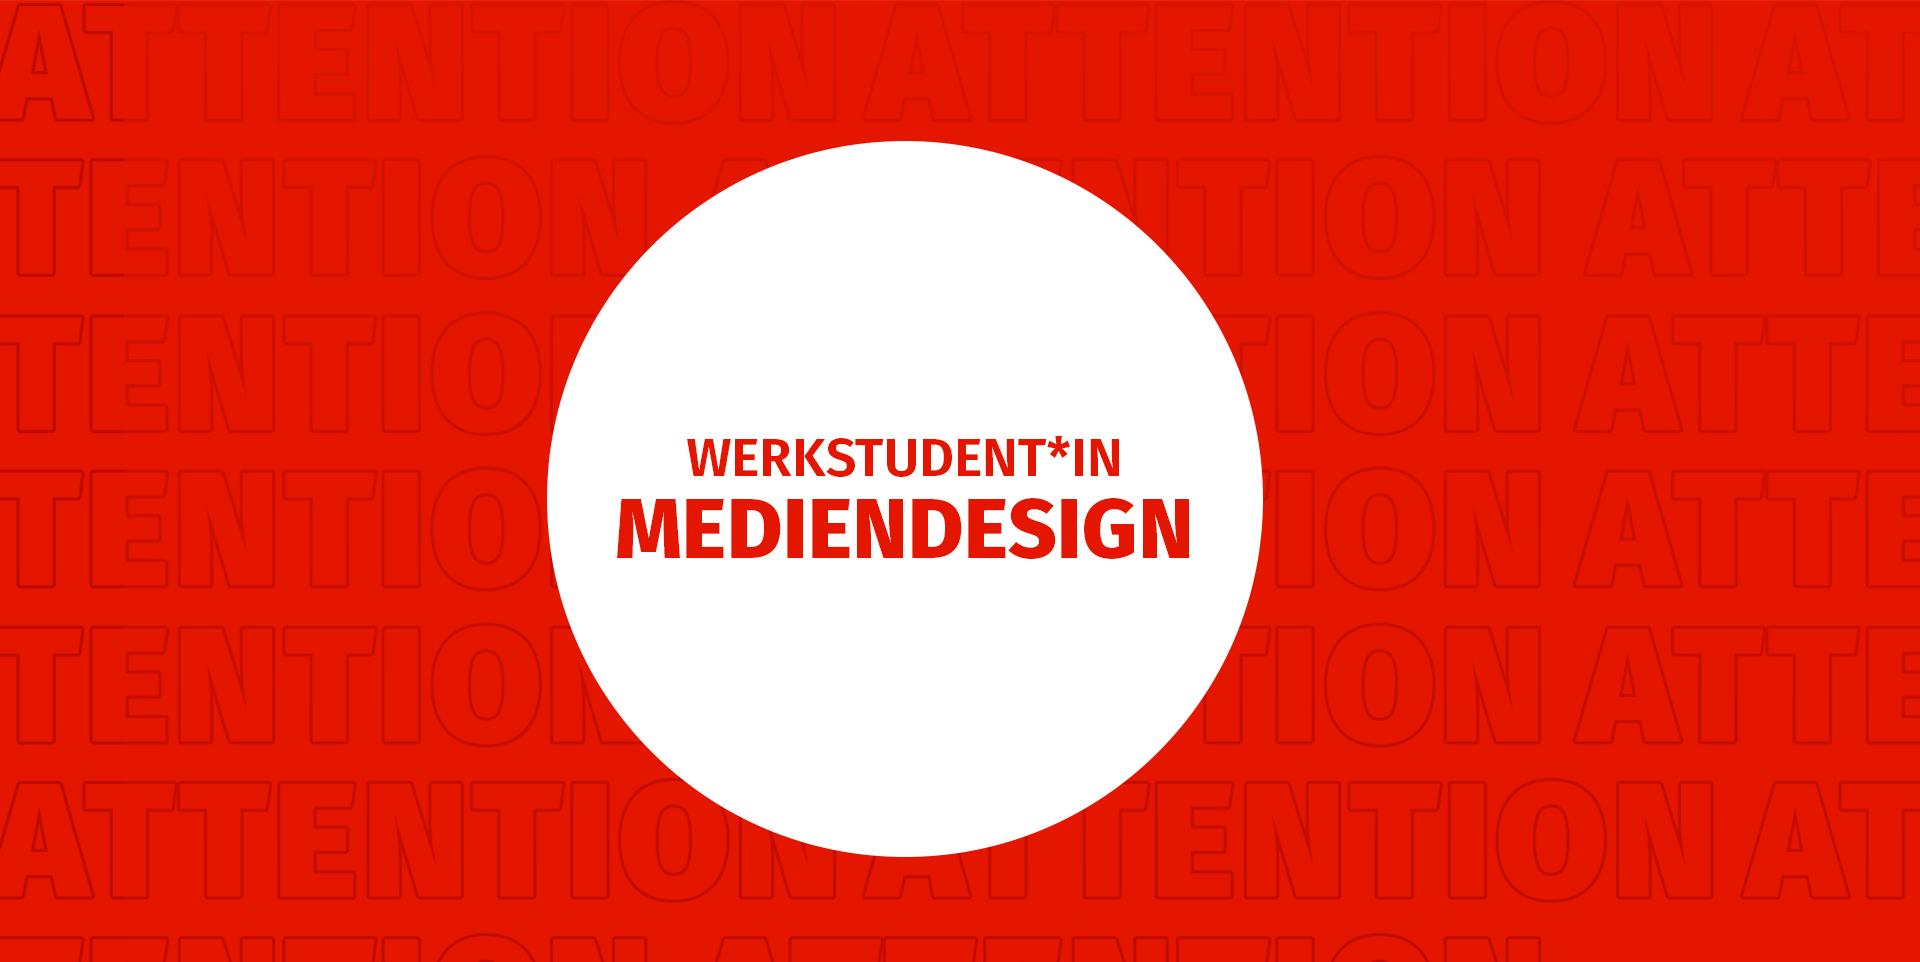 Werkstudentin_PerformanceDesign